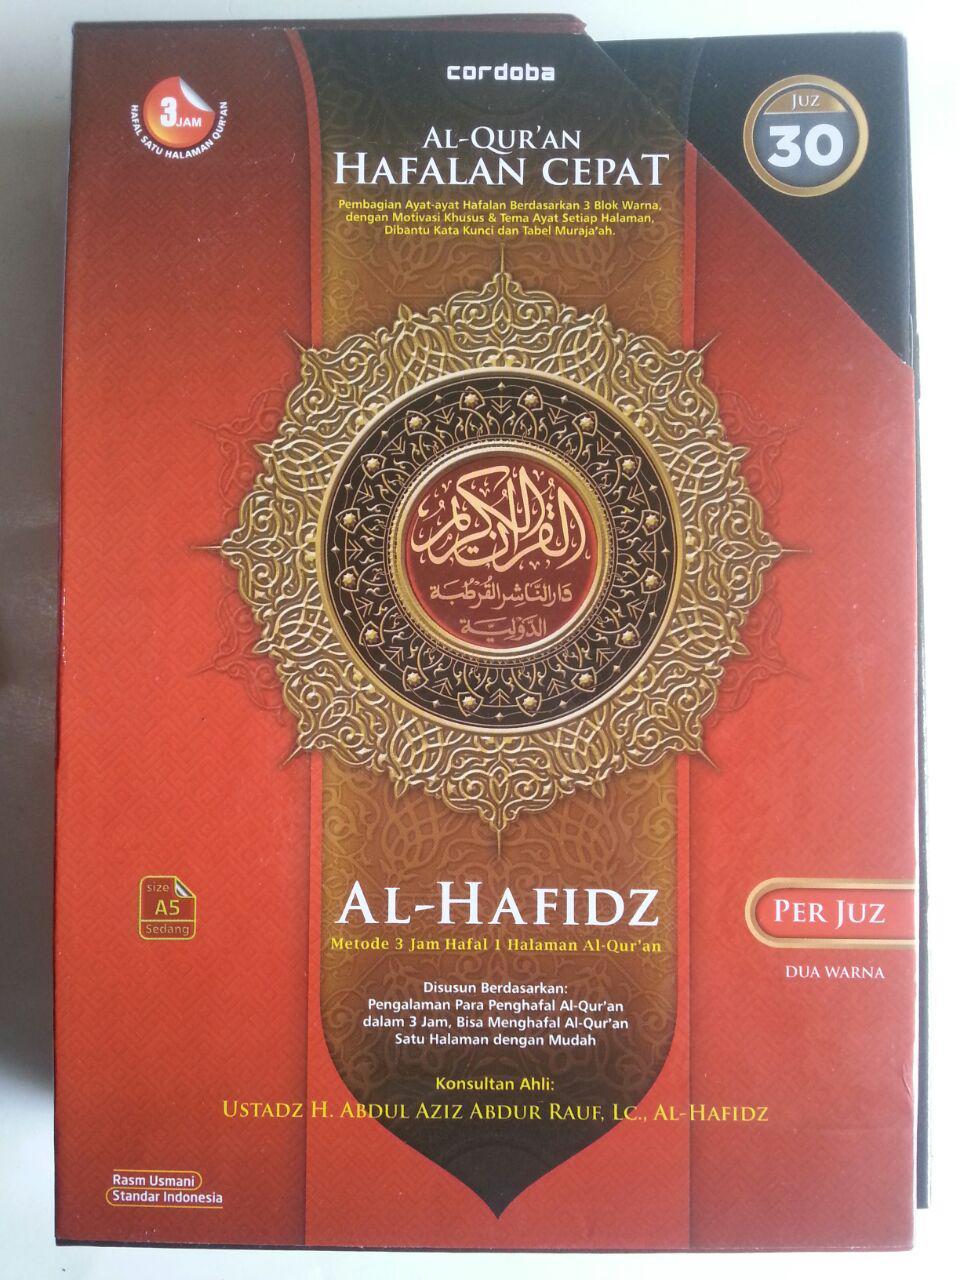 Al-Qur'an Hafalan Al-Hafidz Metode 3 jam Hafal 1 Halaman Per Juz cover 6